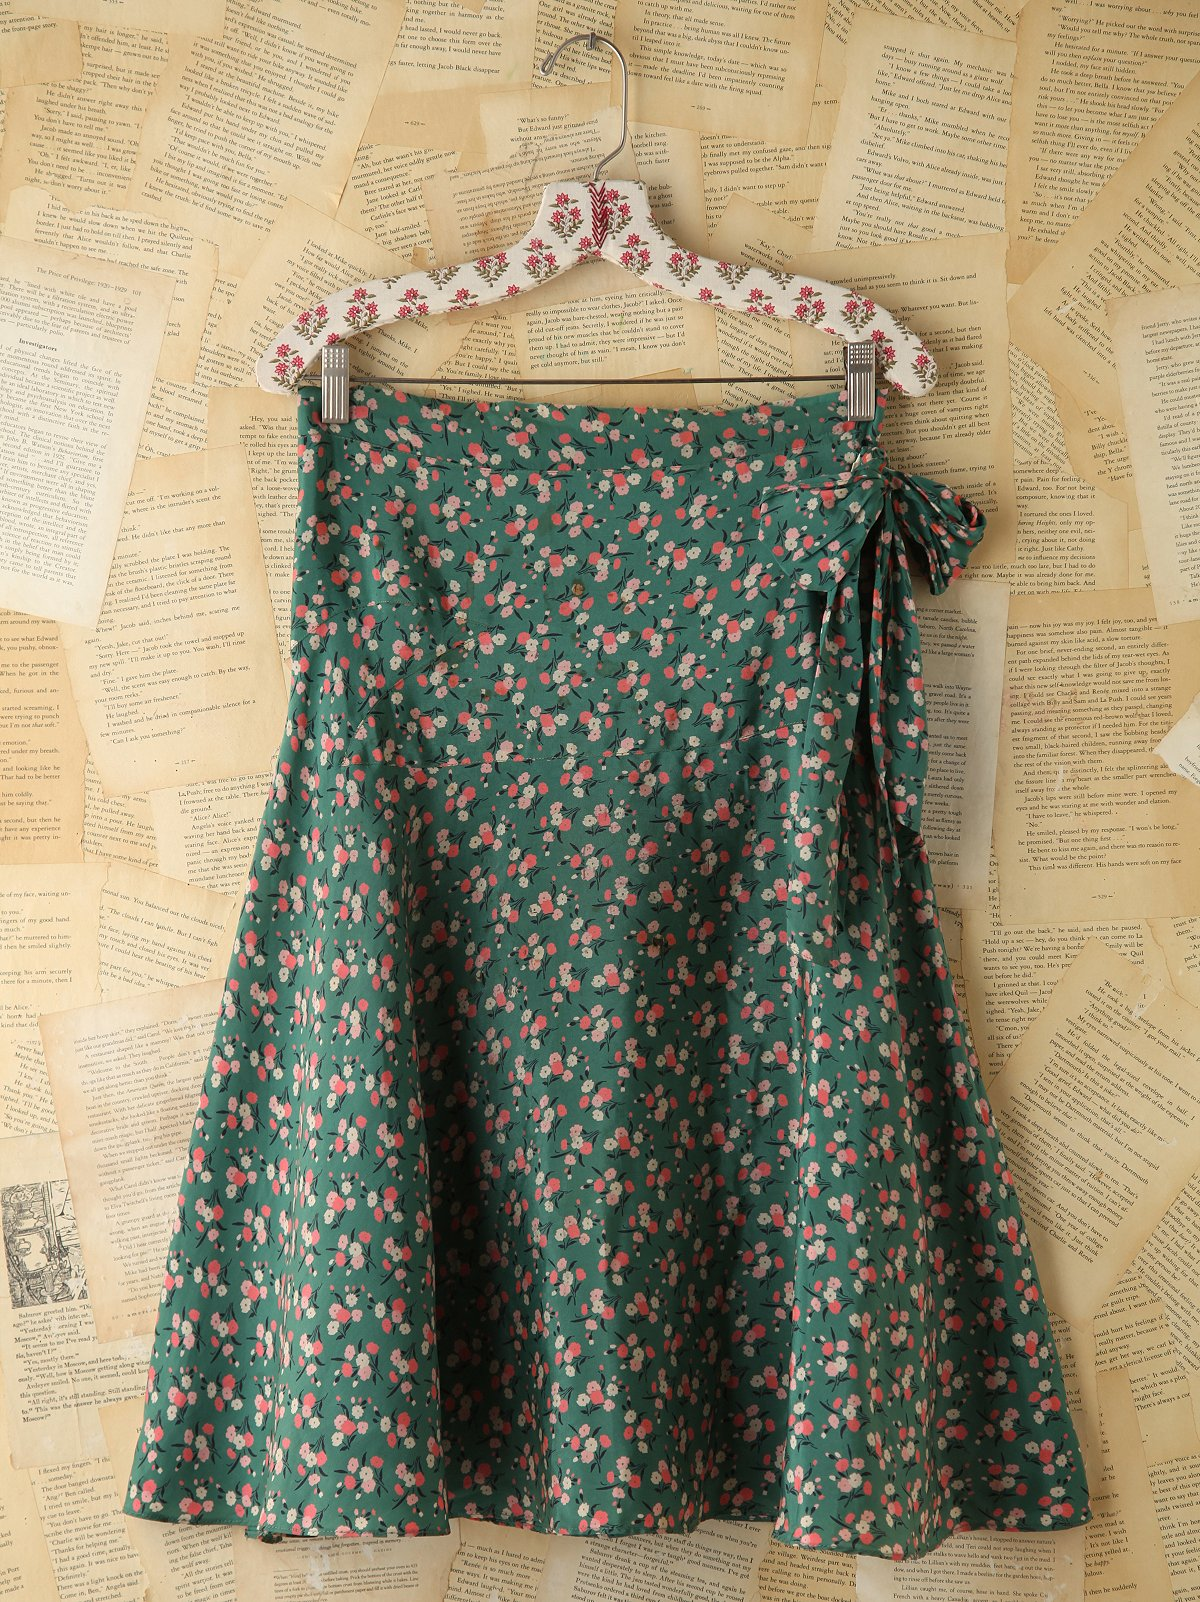 Vintage Floral Printed Skirt